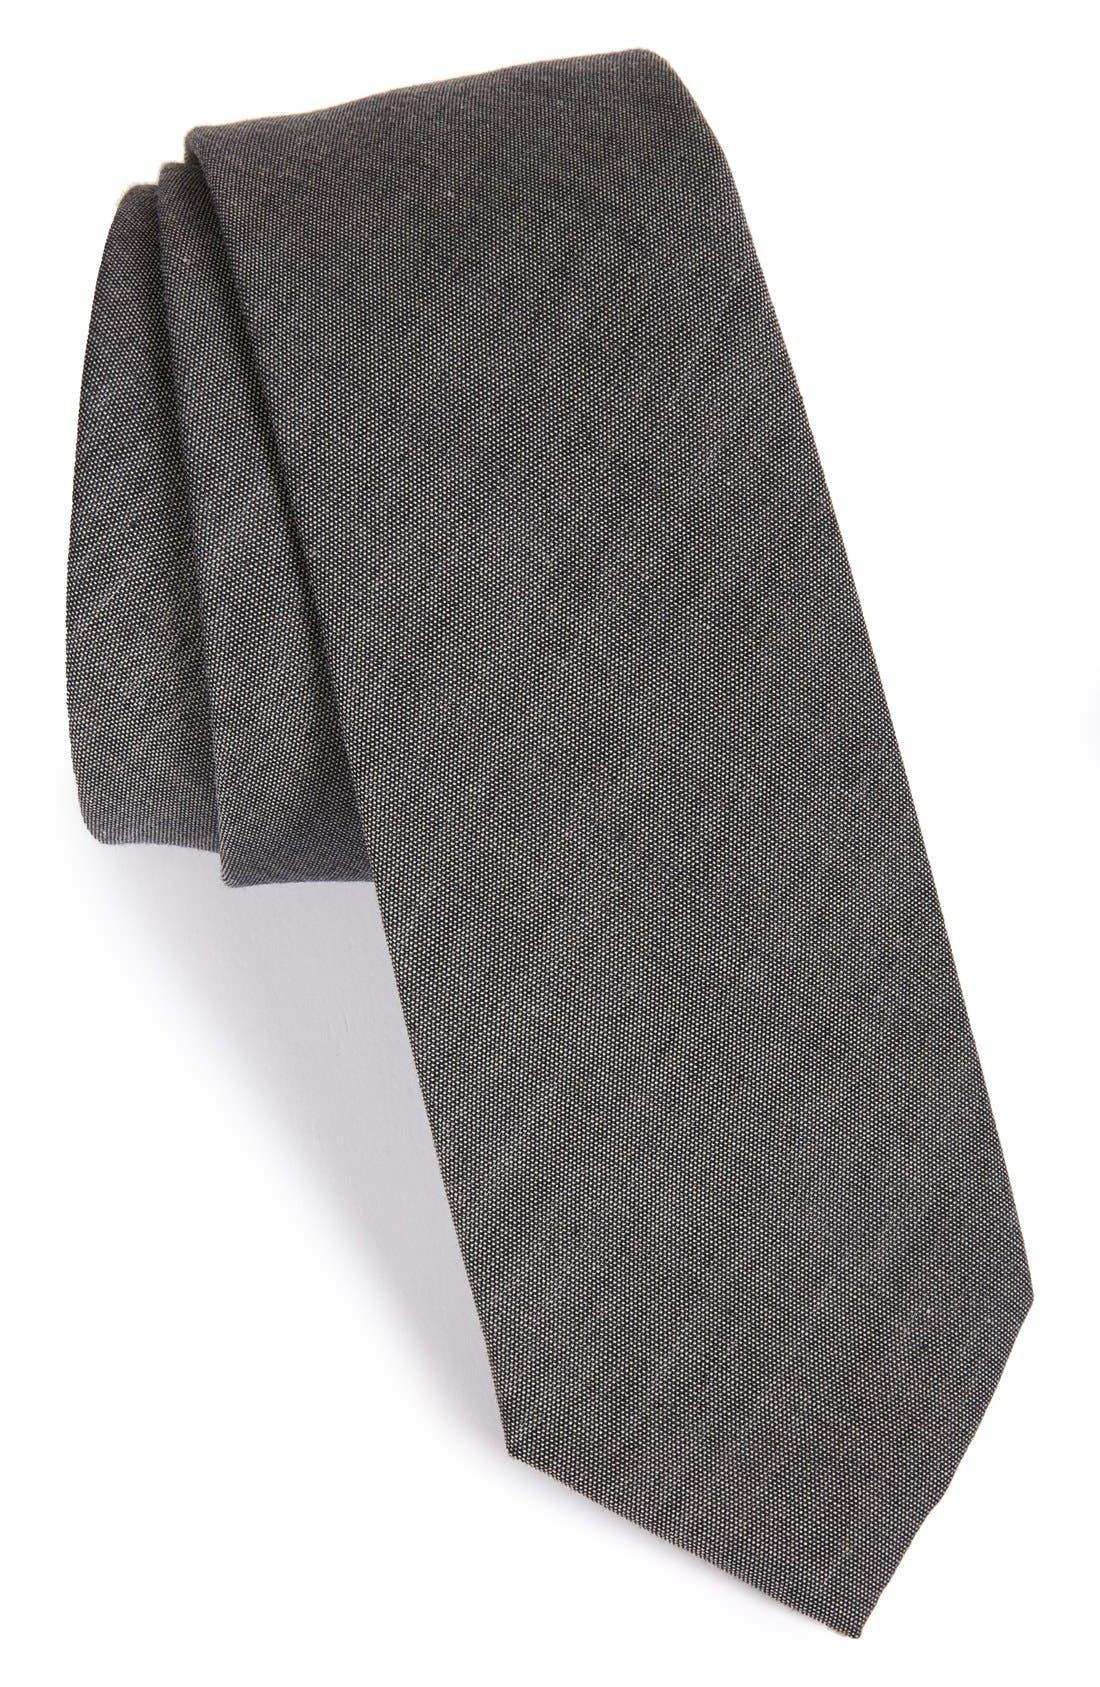 Cotton Tie,                         Main,                         color, WARM GREY